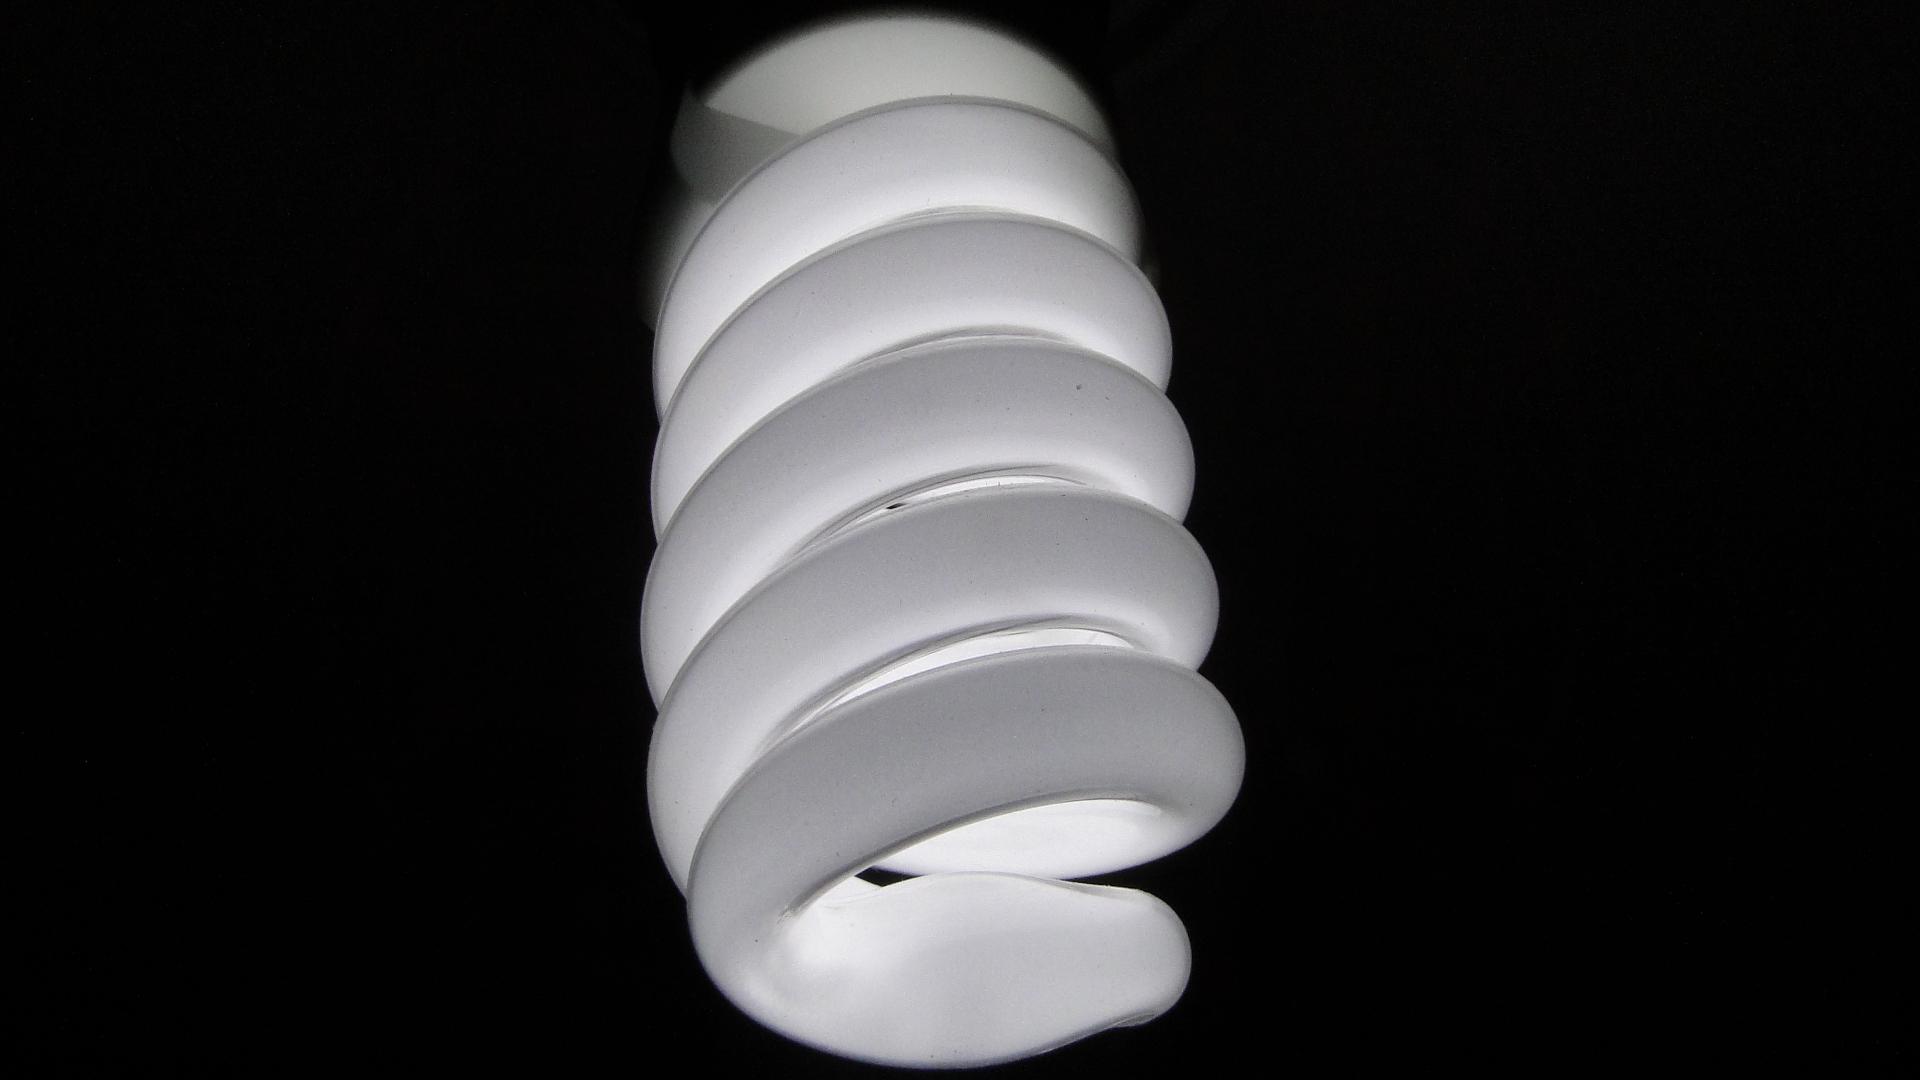 En busca de la bombilla LED mas adecuada 1920